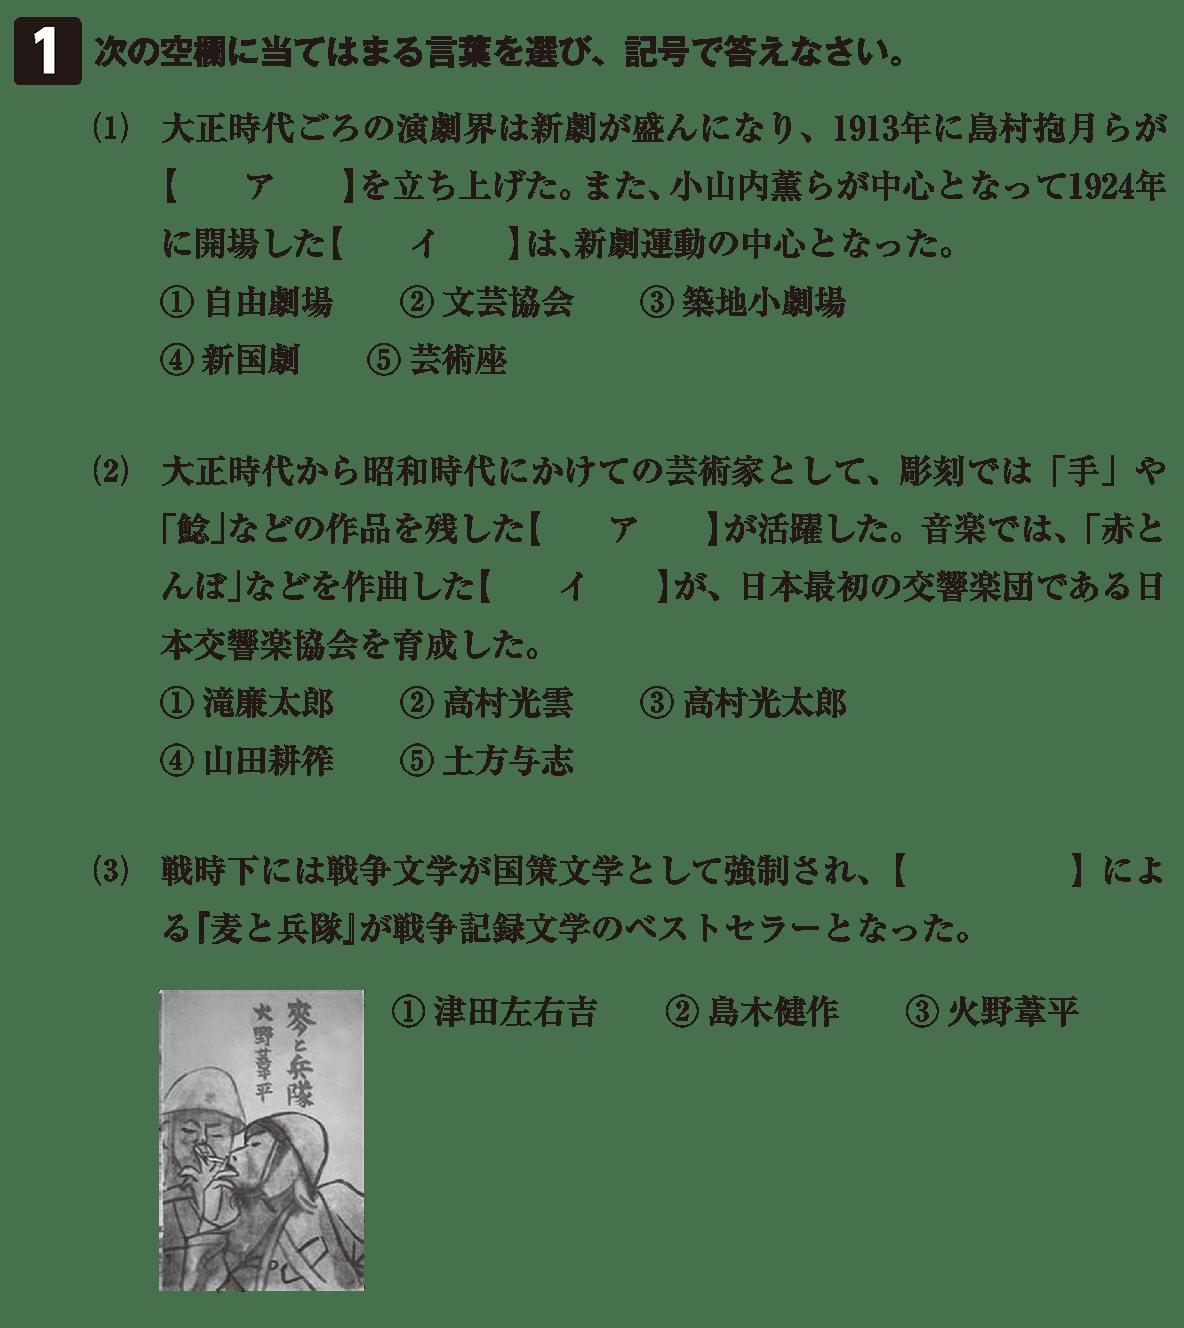 近現代の文化33 問題1 問題